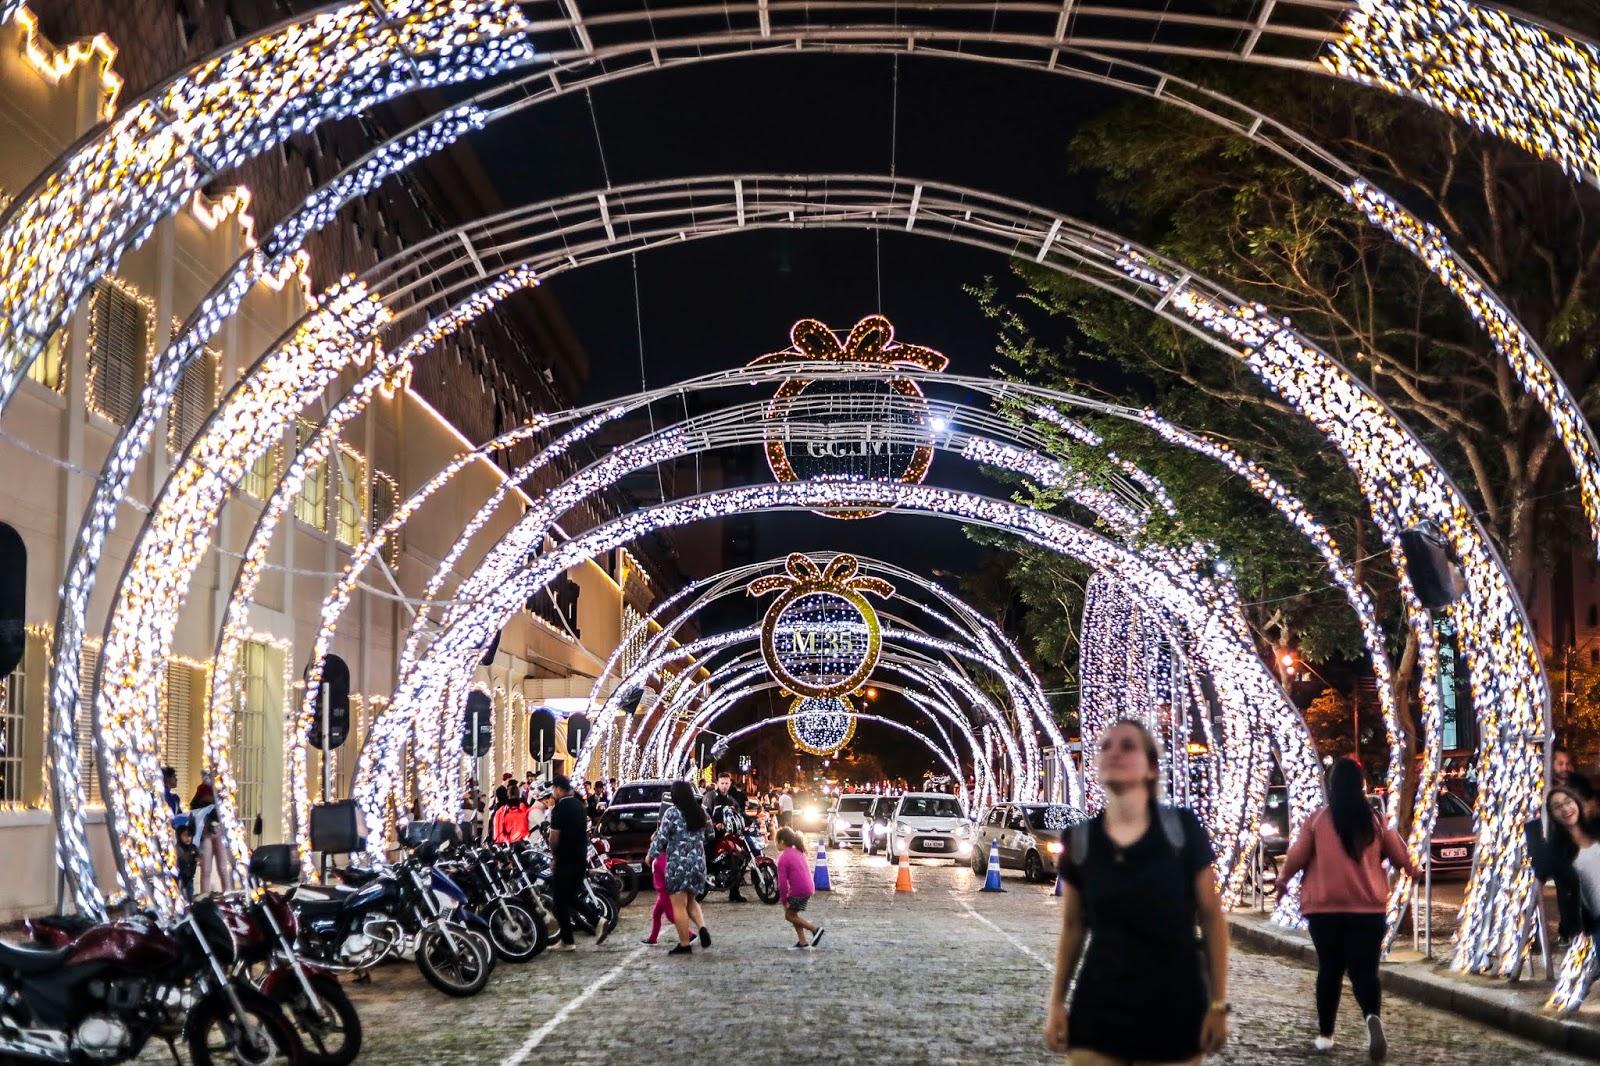 Últimos dias para aproveitar e tirar fotos nas decorações de Natal de Curitiba